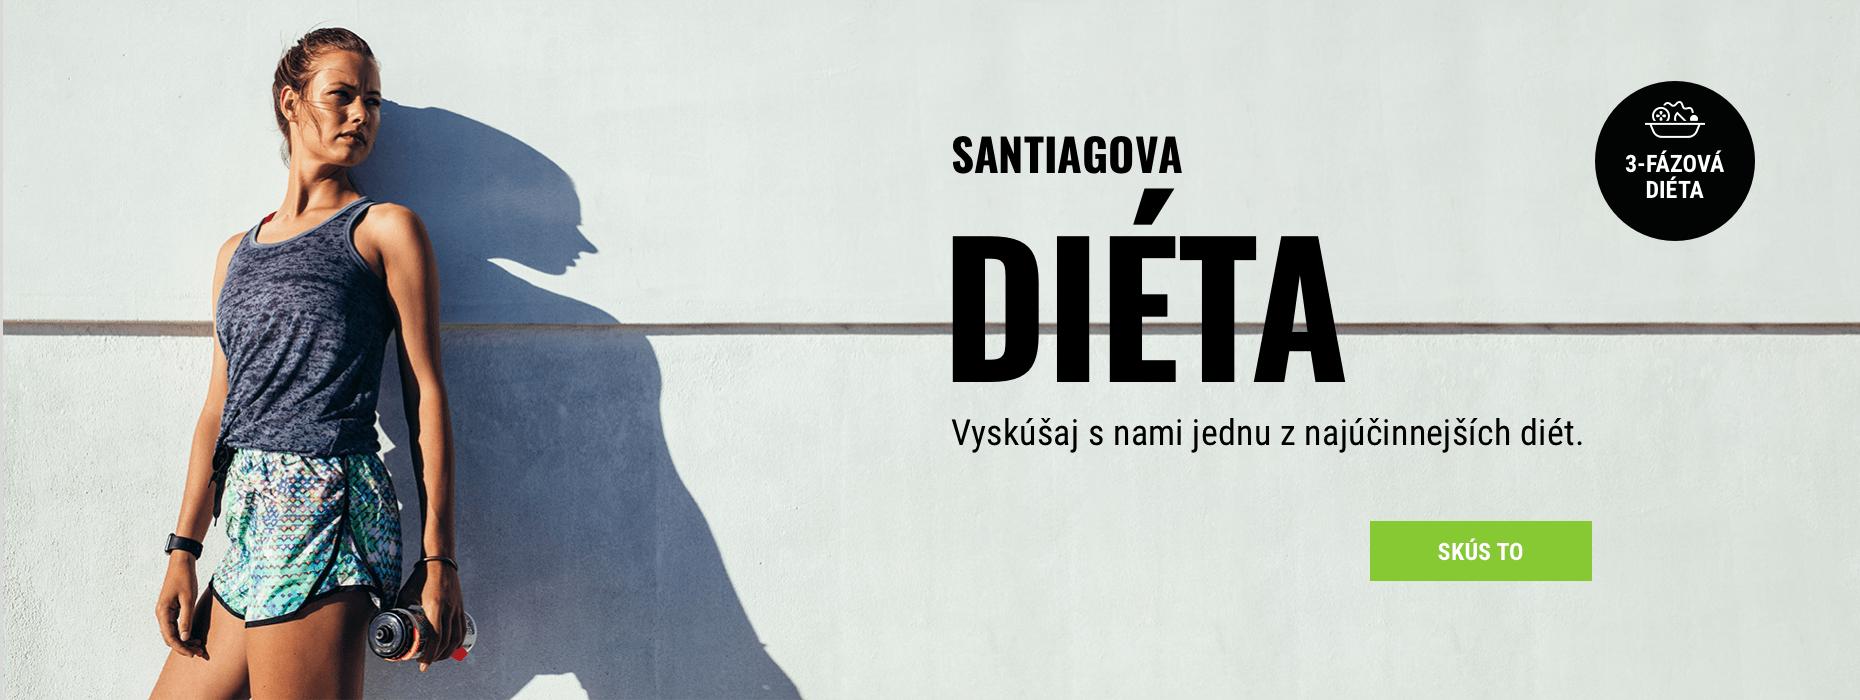 santiagova dieta